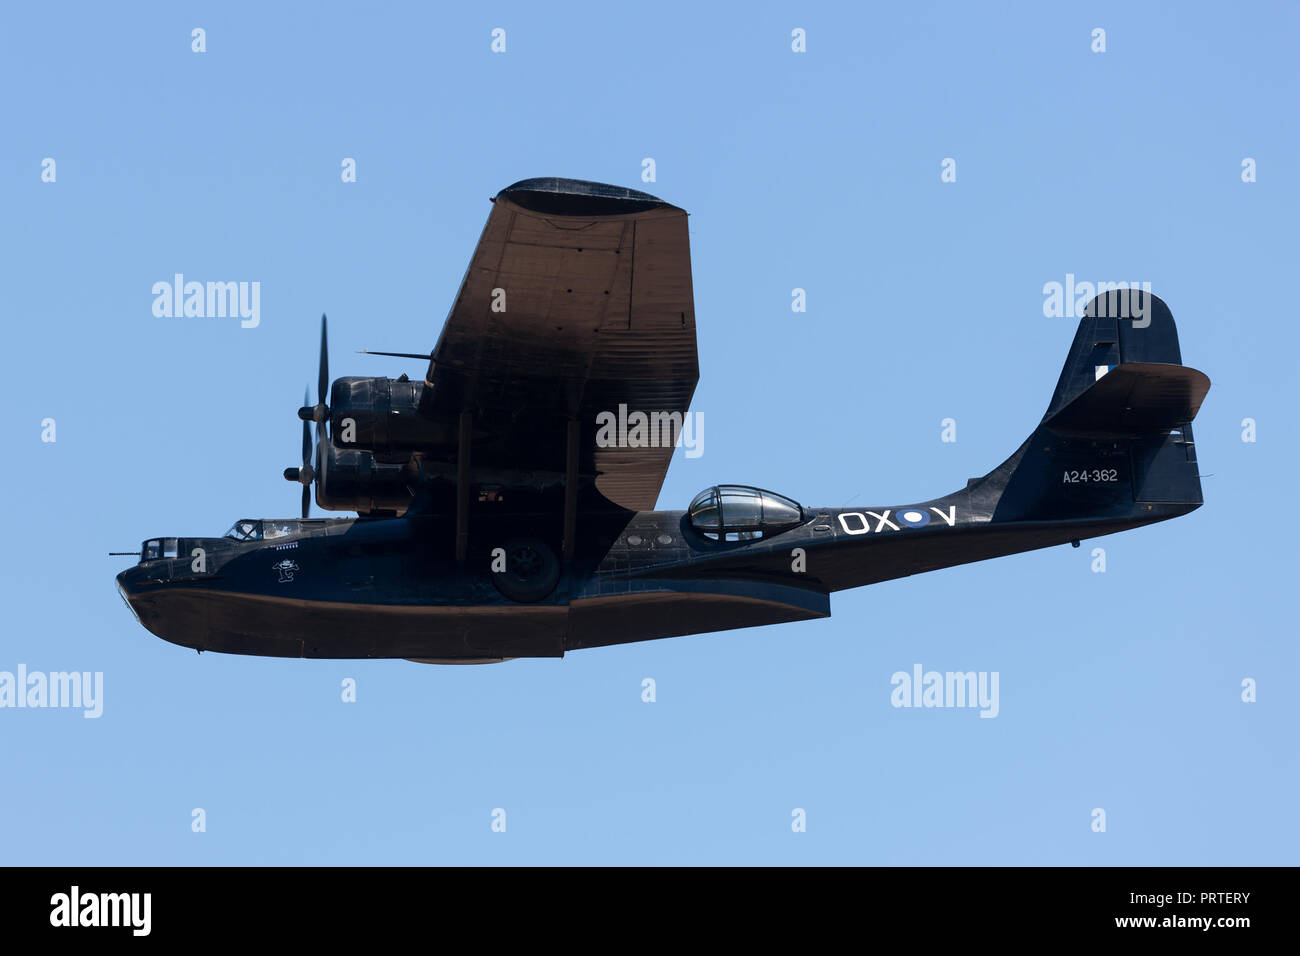 Consolidó la PBY Catalina Flying boat VH-PBZ operado por la sociedad de restauración de aviones históricos (HARS) usando la famosa ÔBlack CatsÕ livery fro Imagen De Stock